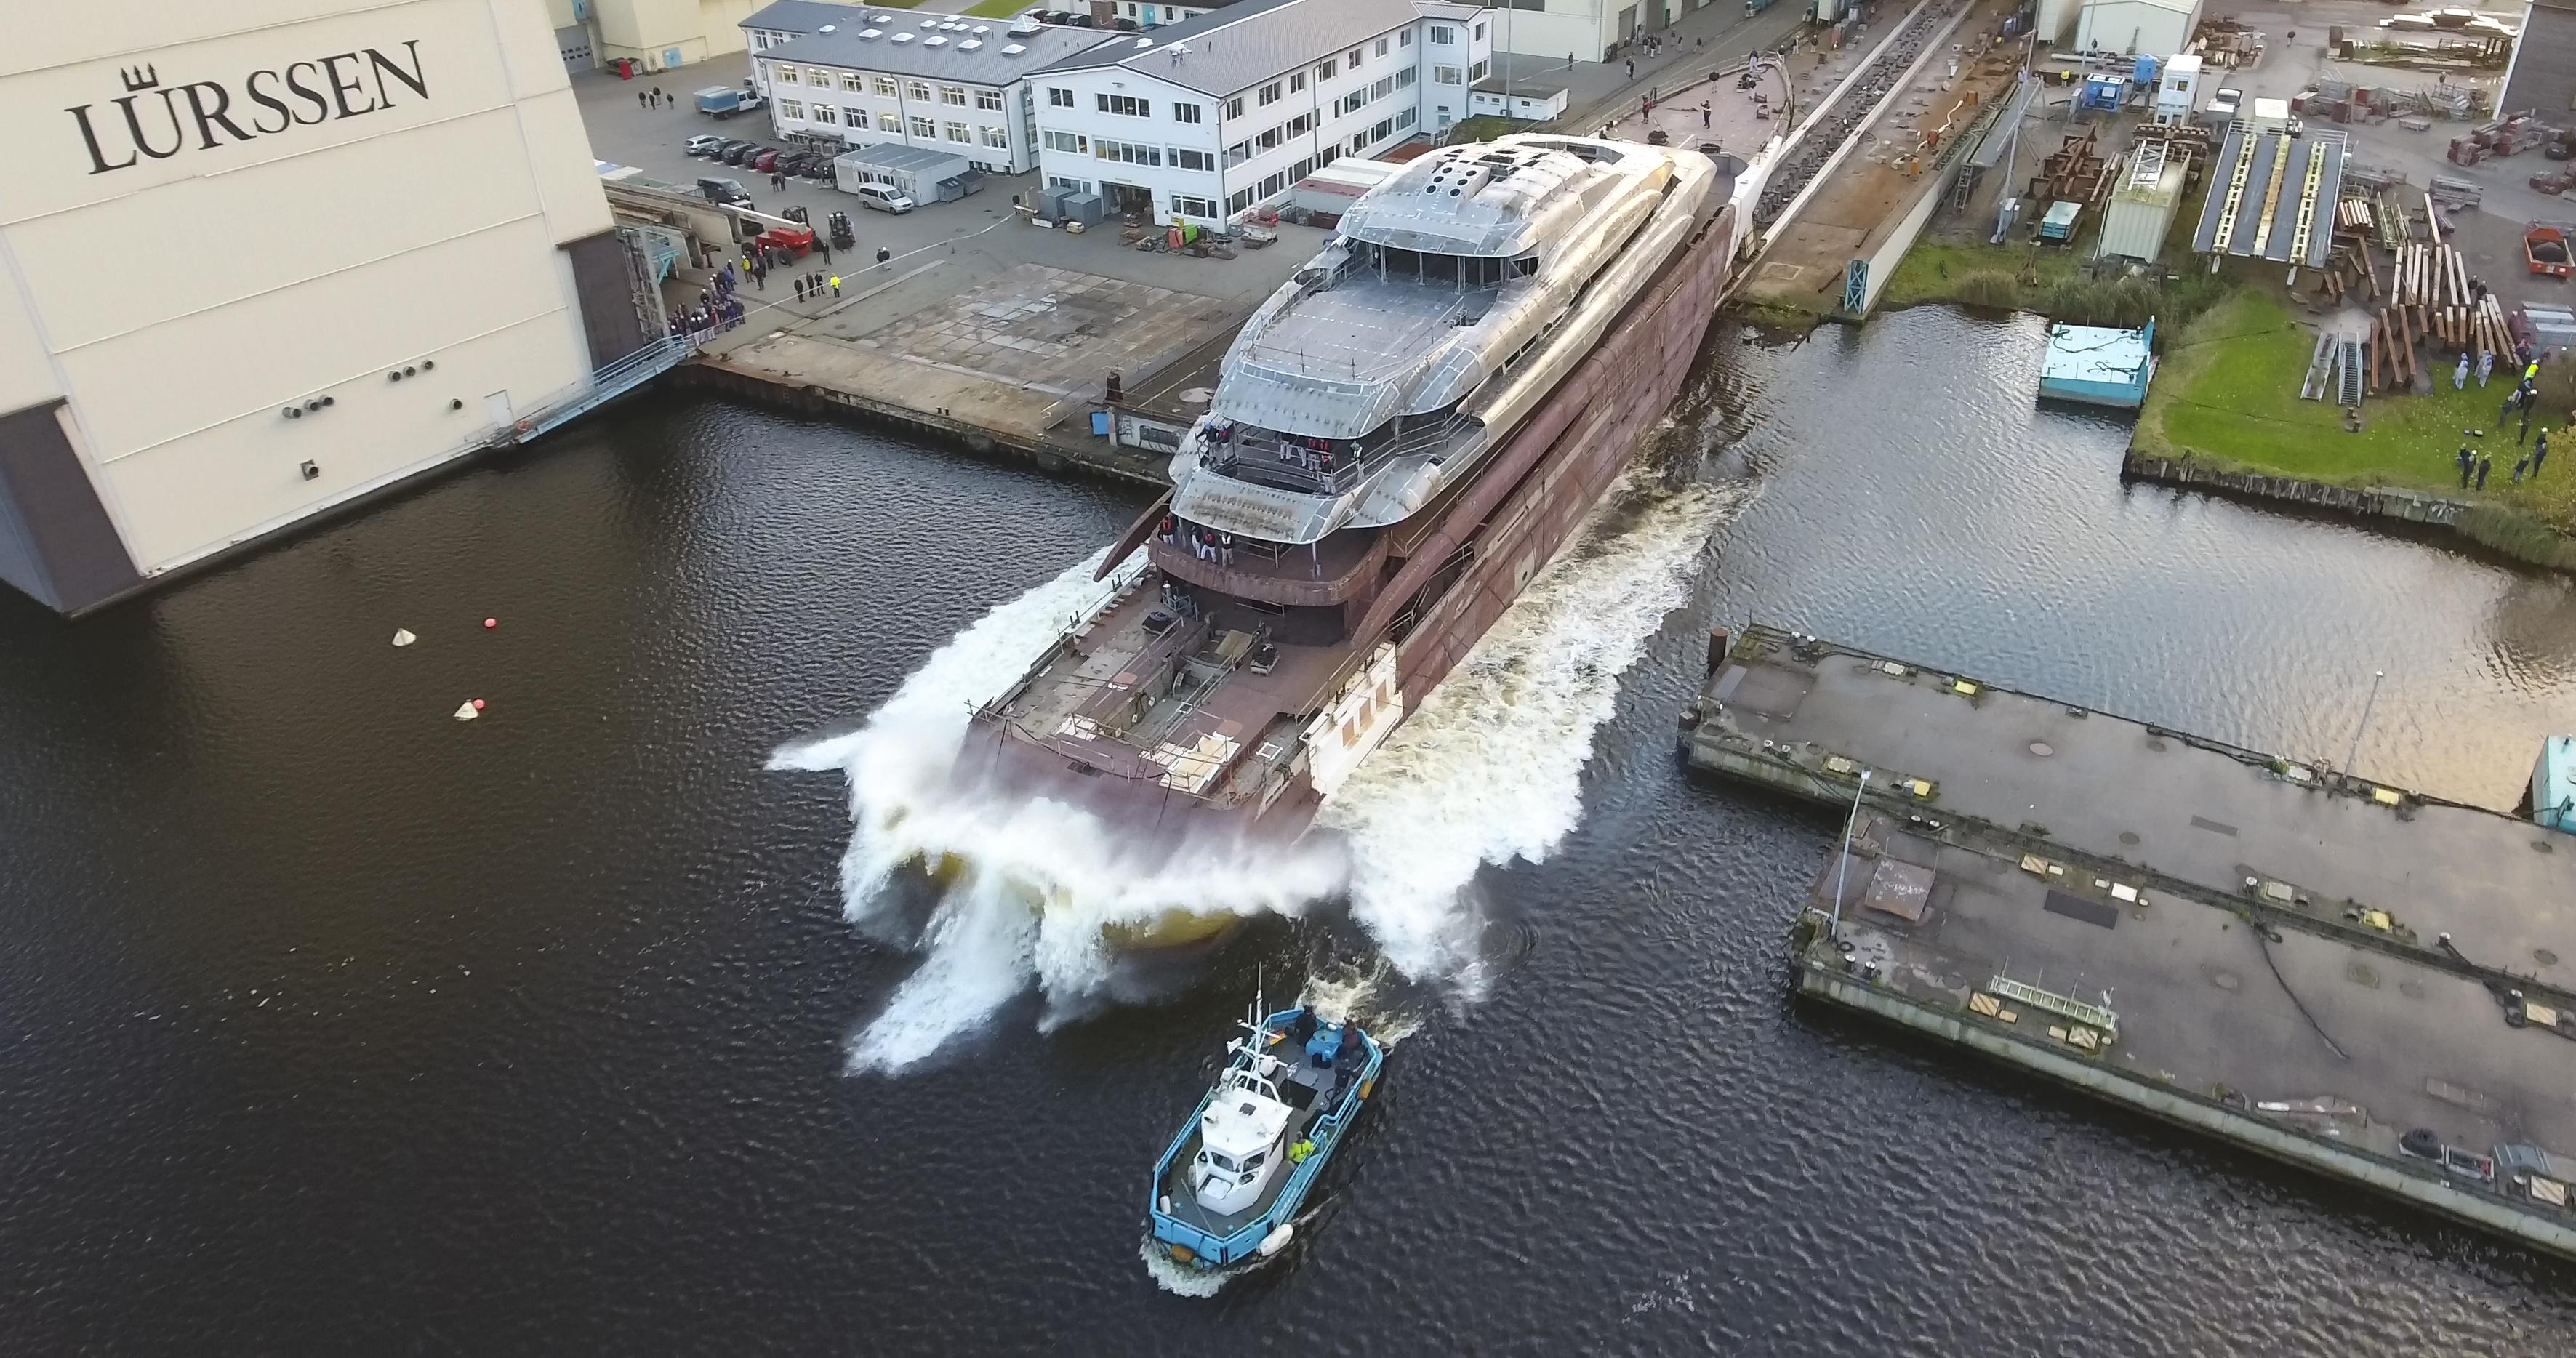 Project Fiji: Lürssen's Latest Superyacht   | superyachts com